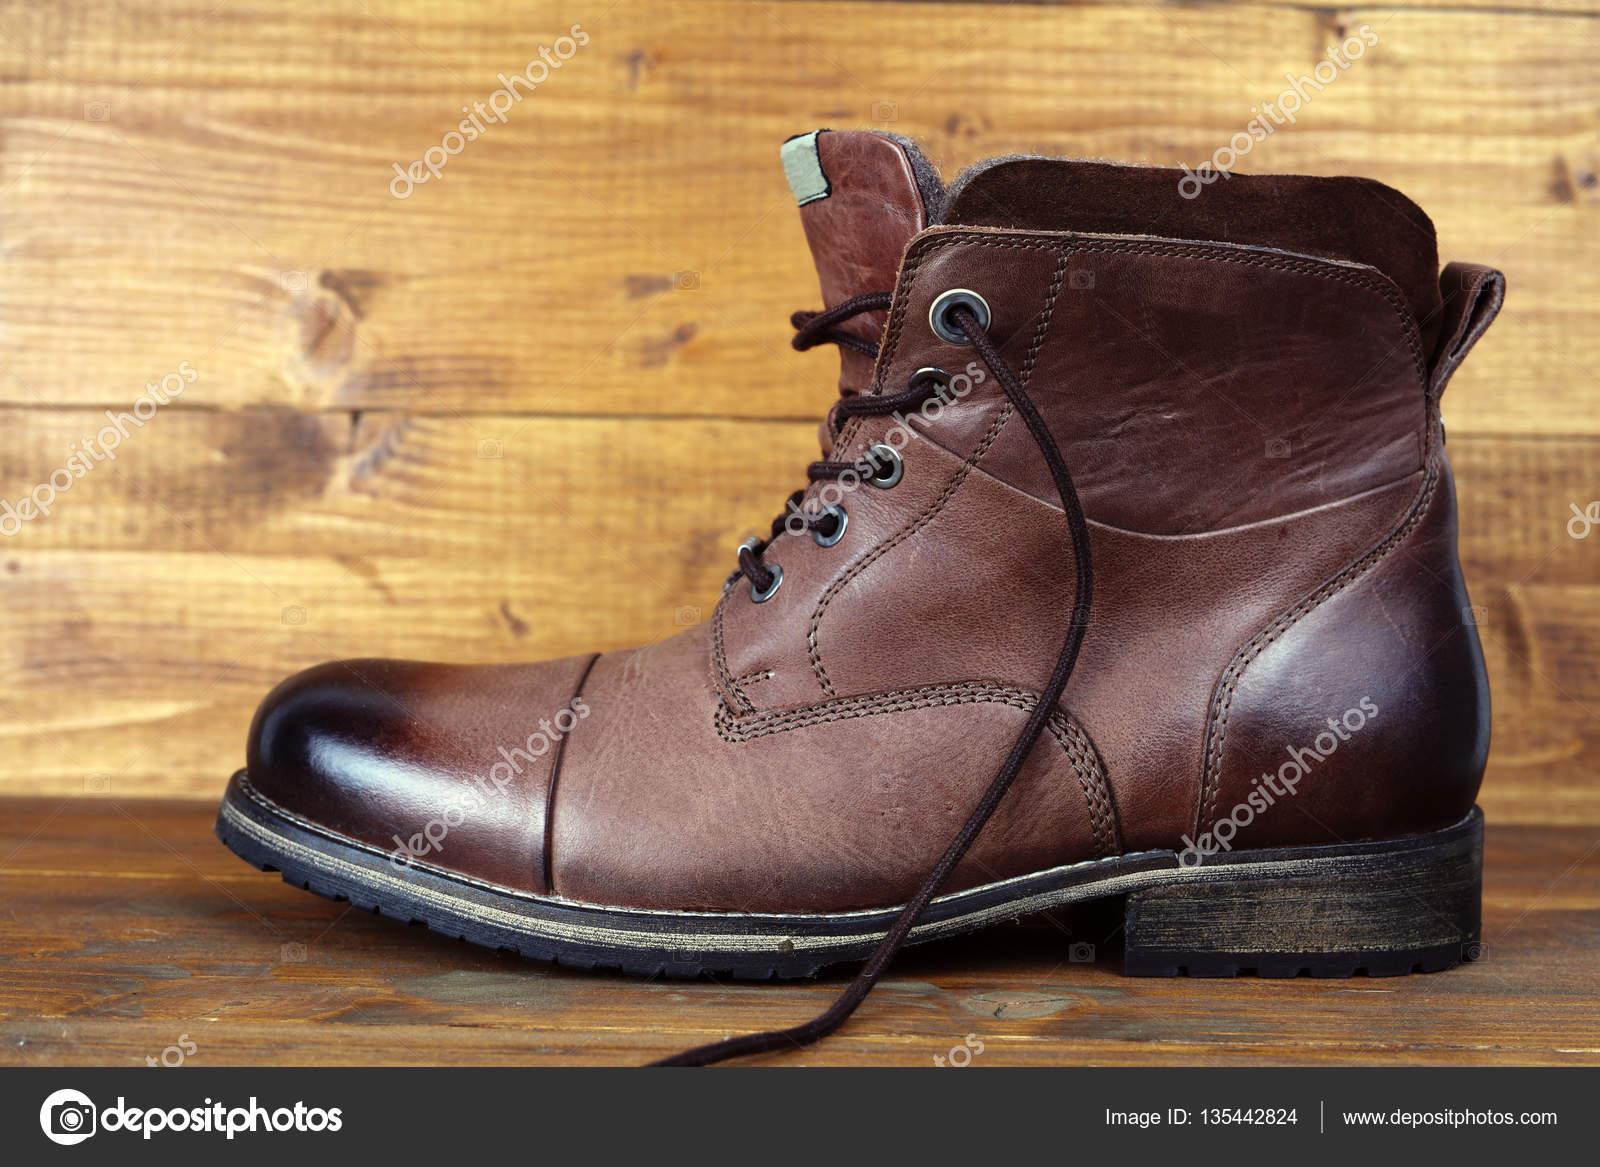 644631f0 Brązowe skórzane zimowe wysokie buty męskie, buty na vintage drewniane tła–  obraz stockowy